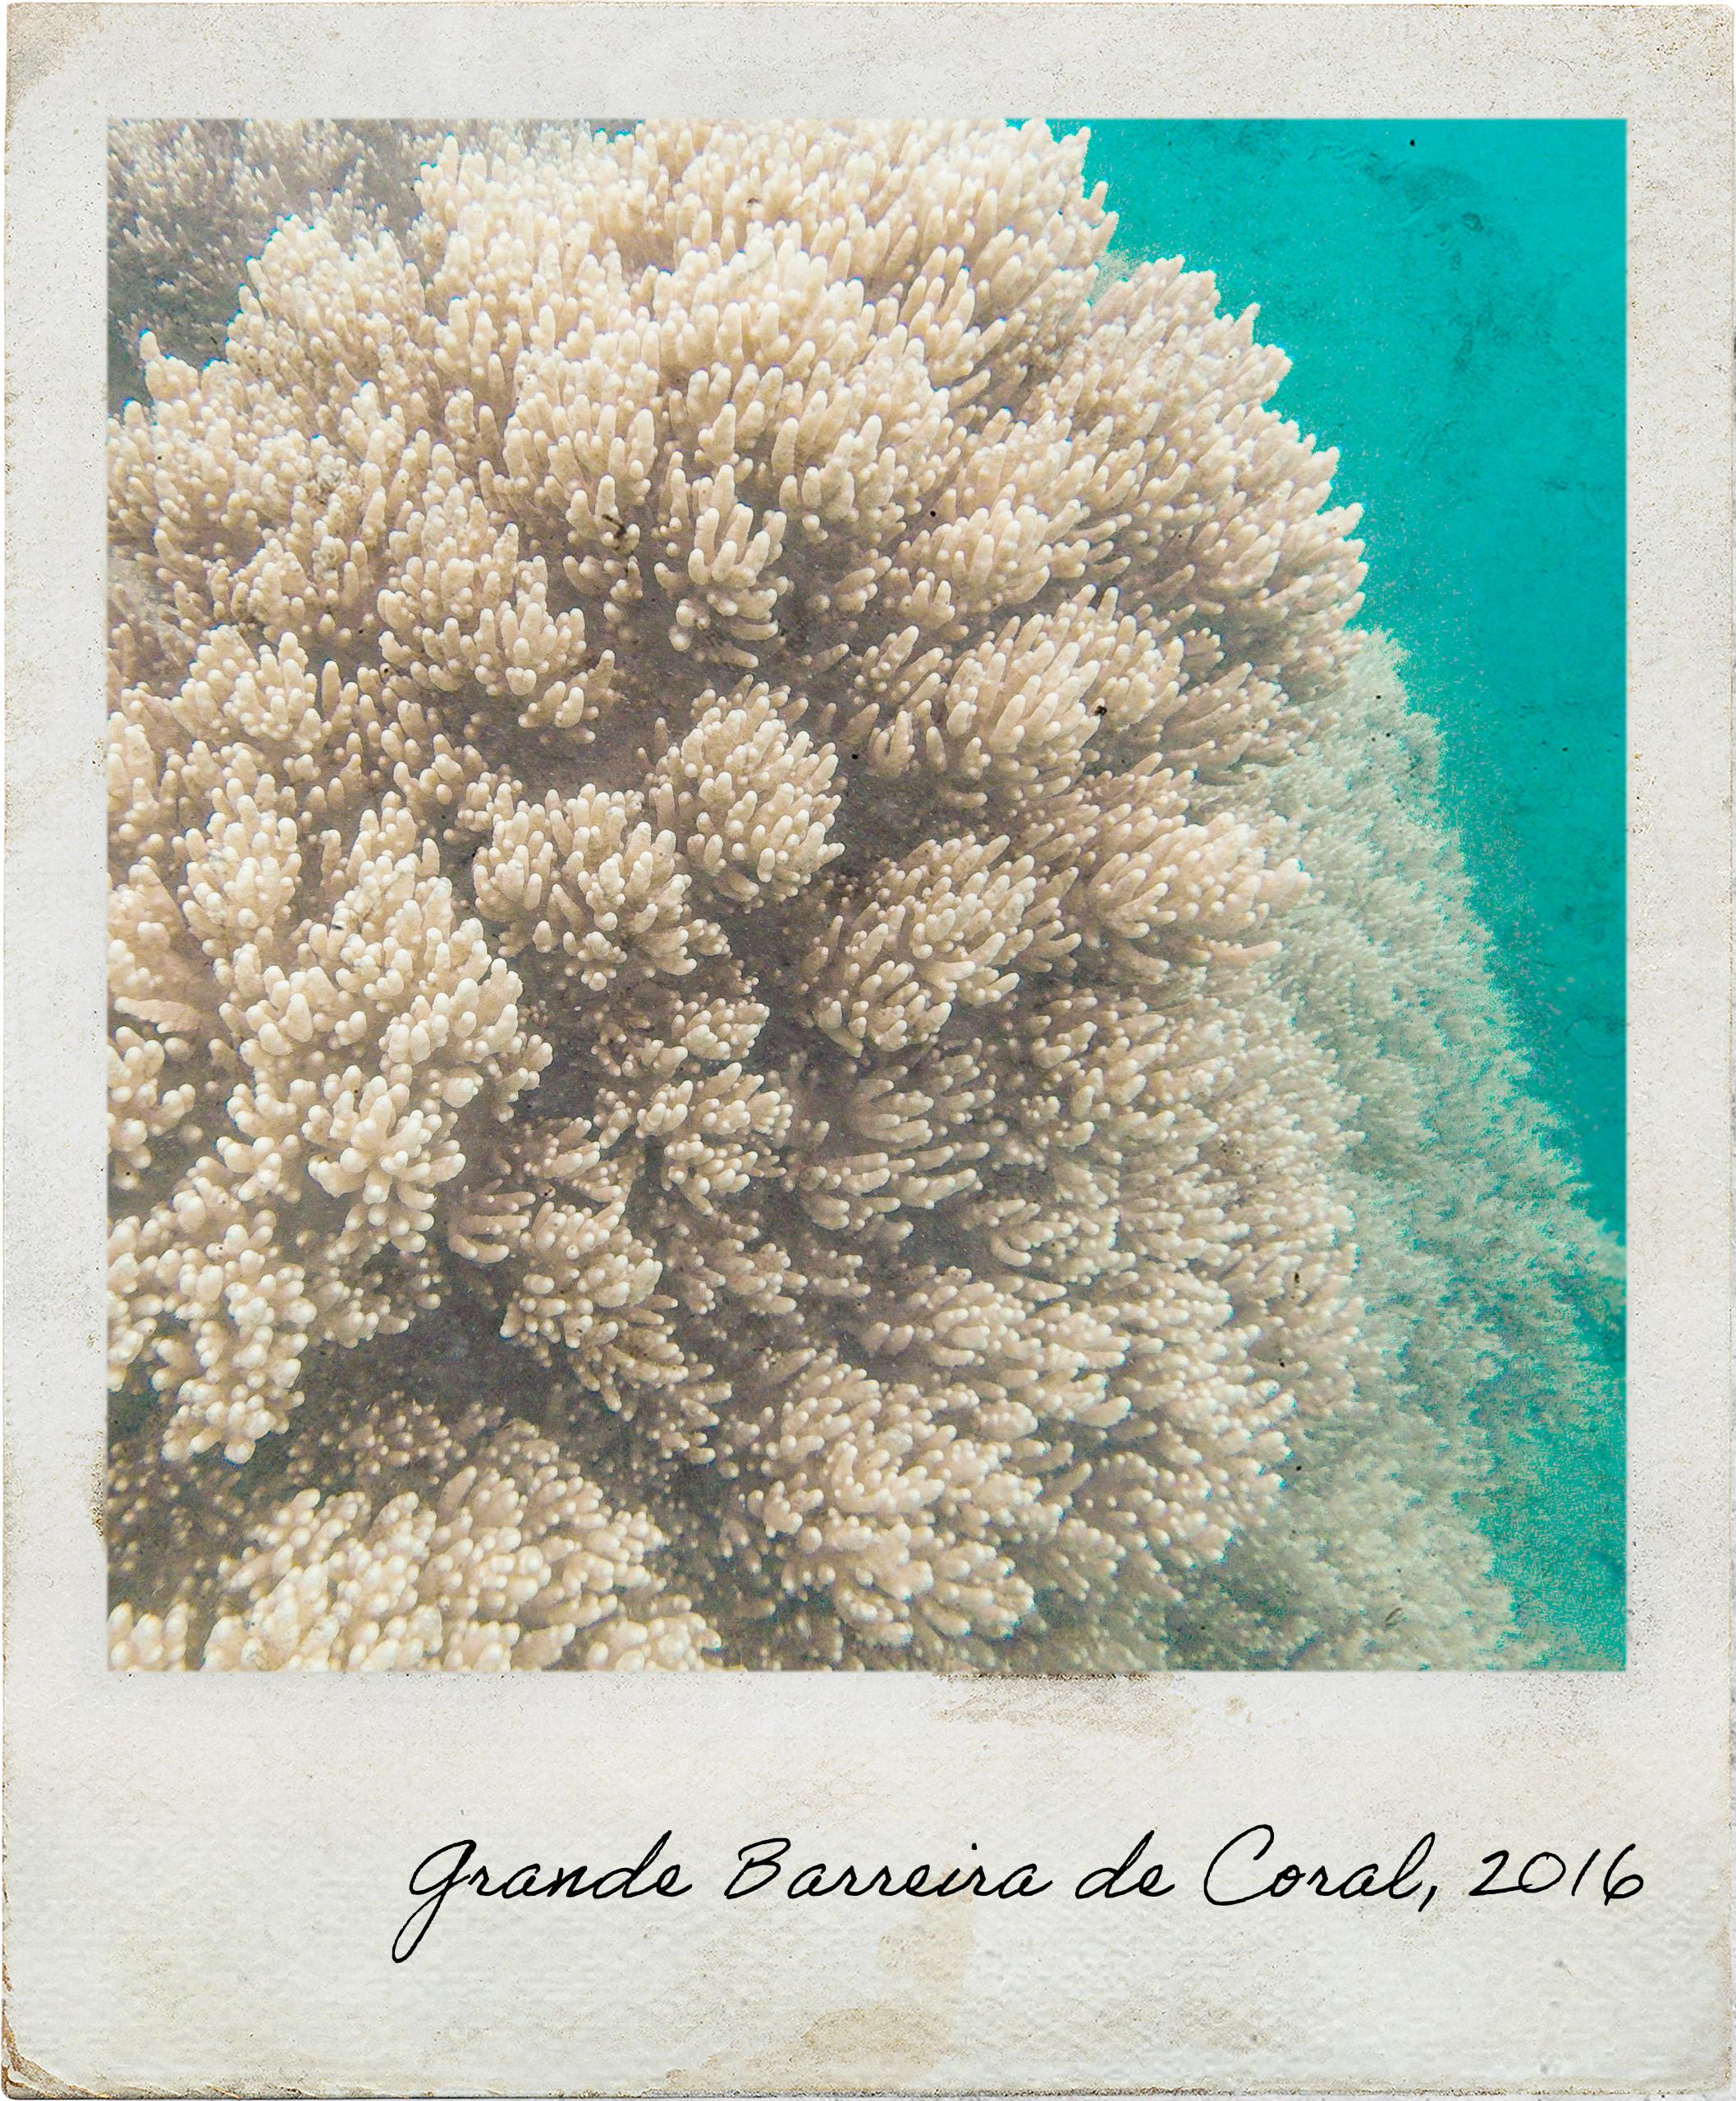 Estrutura de corais no segundo mergulho